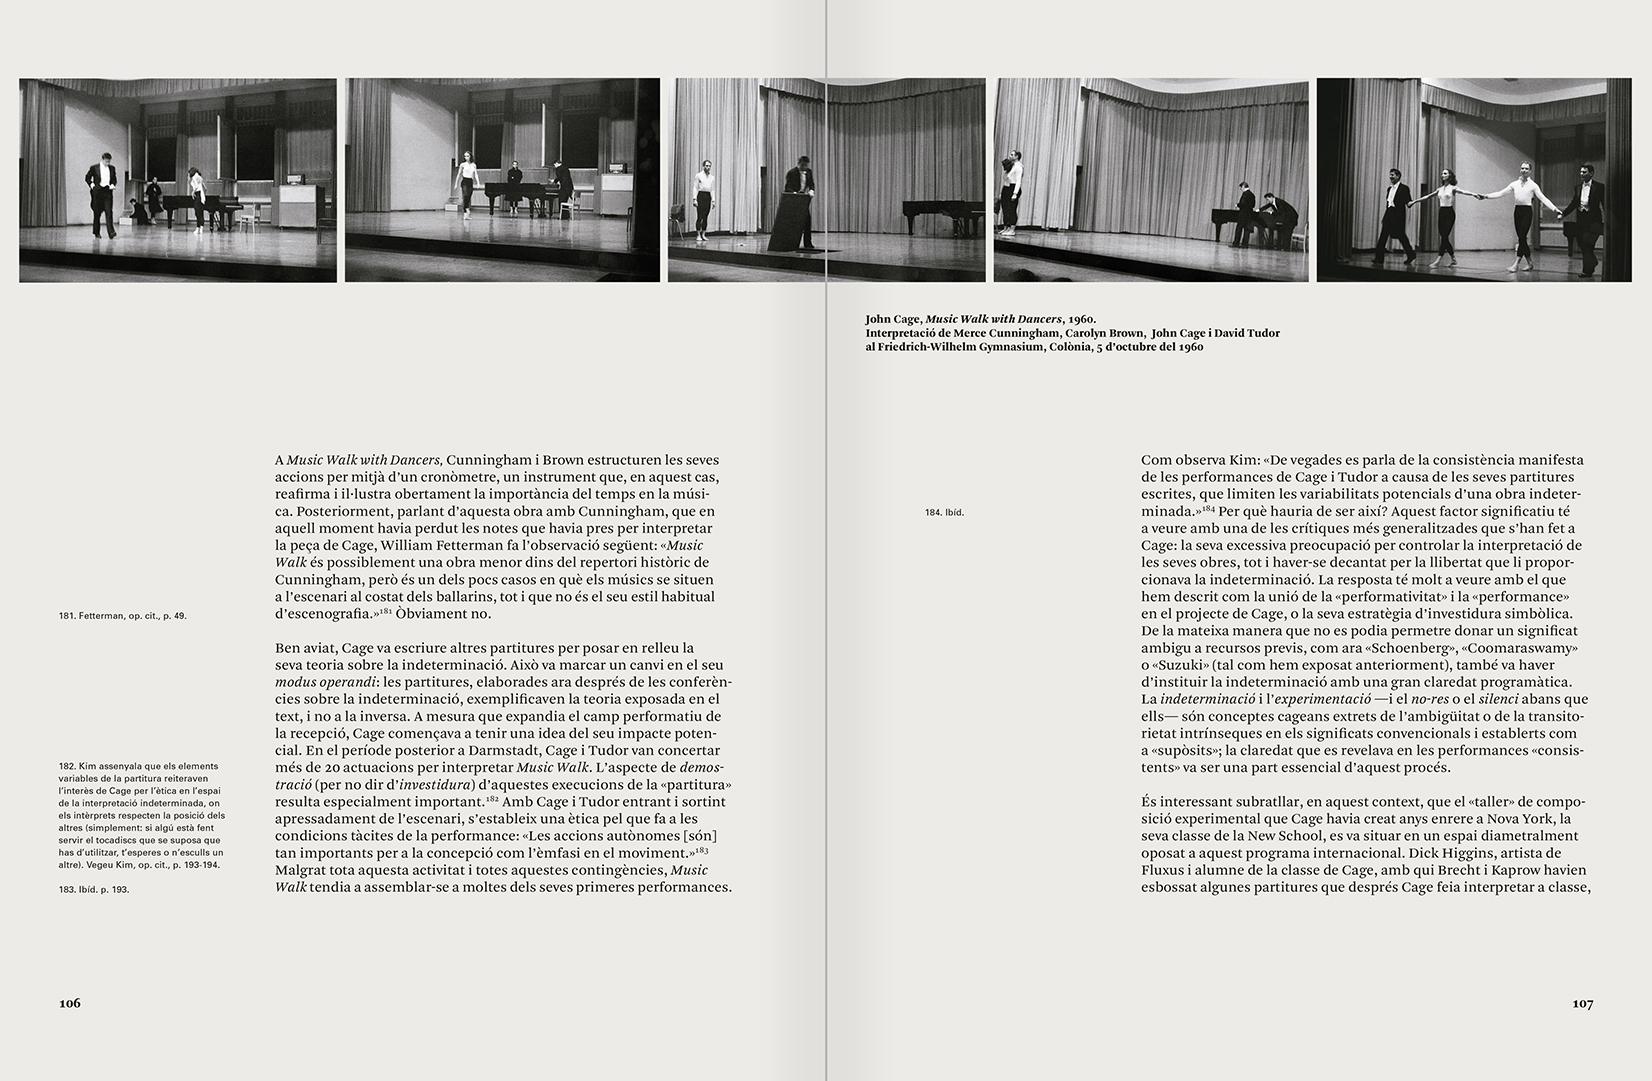 """Selecció del catàleg """"L'anarquia del silenci. John Cage i l'art experimental"""" pàgines 106 i 107"""